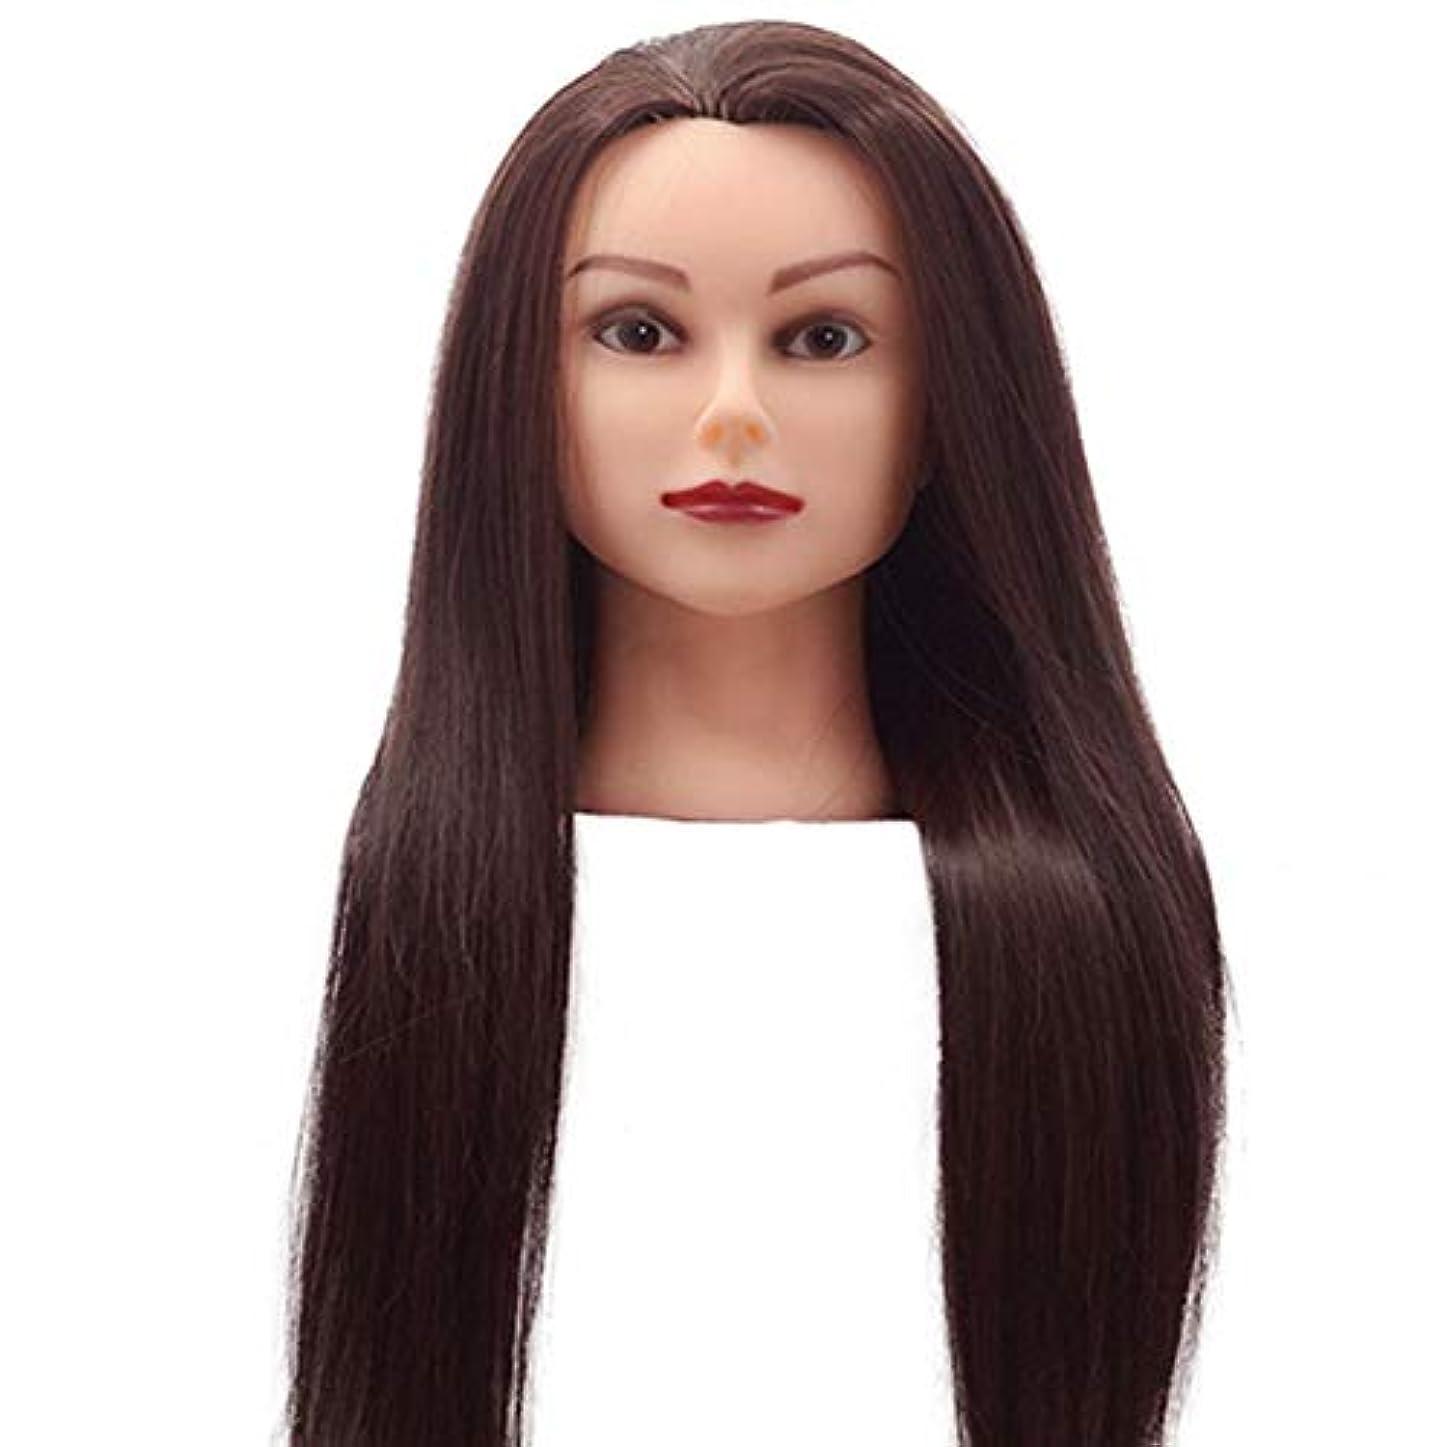 機会インディカ先理髪モデルヘッド花嫁の髪編組三つ編み学習ヘッドモデル理髪店美容散髪ダミーエクササイズヘッド